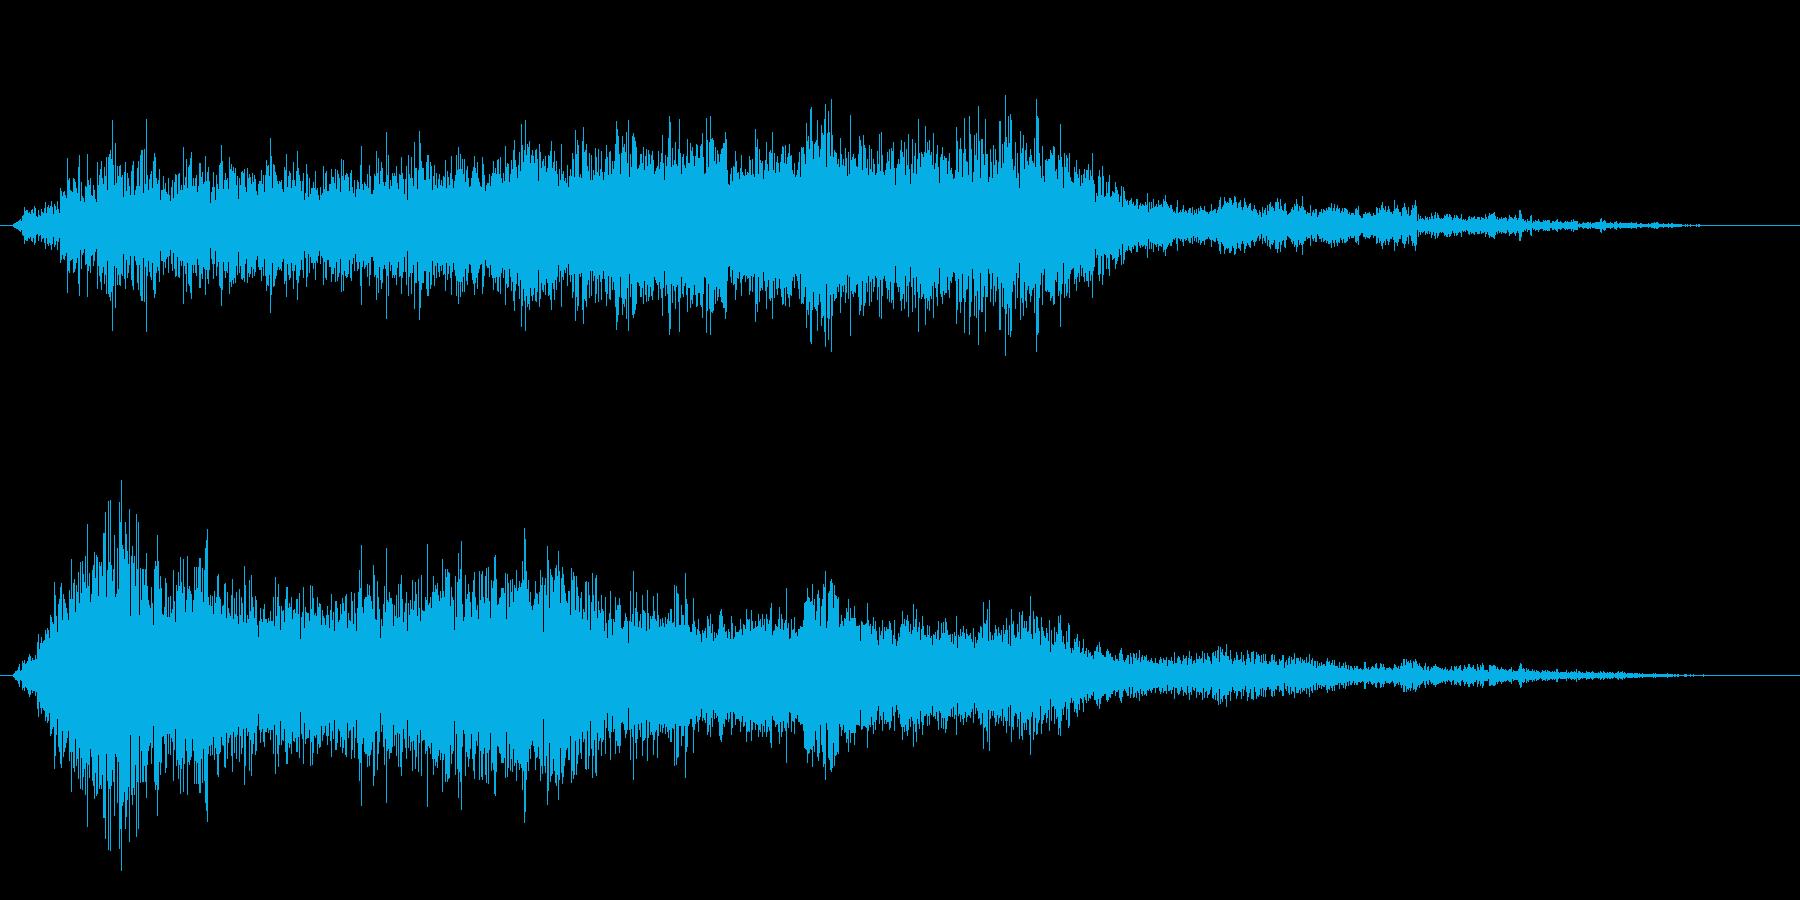 ホラー映画に出てきそうなノイズ系音源02の再生済みの波形